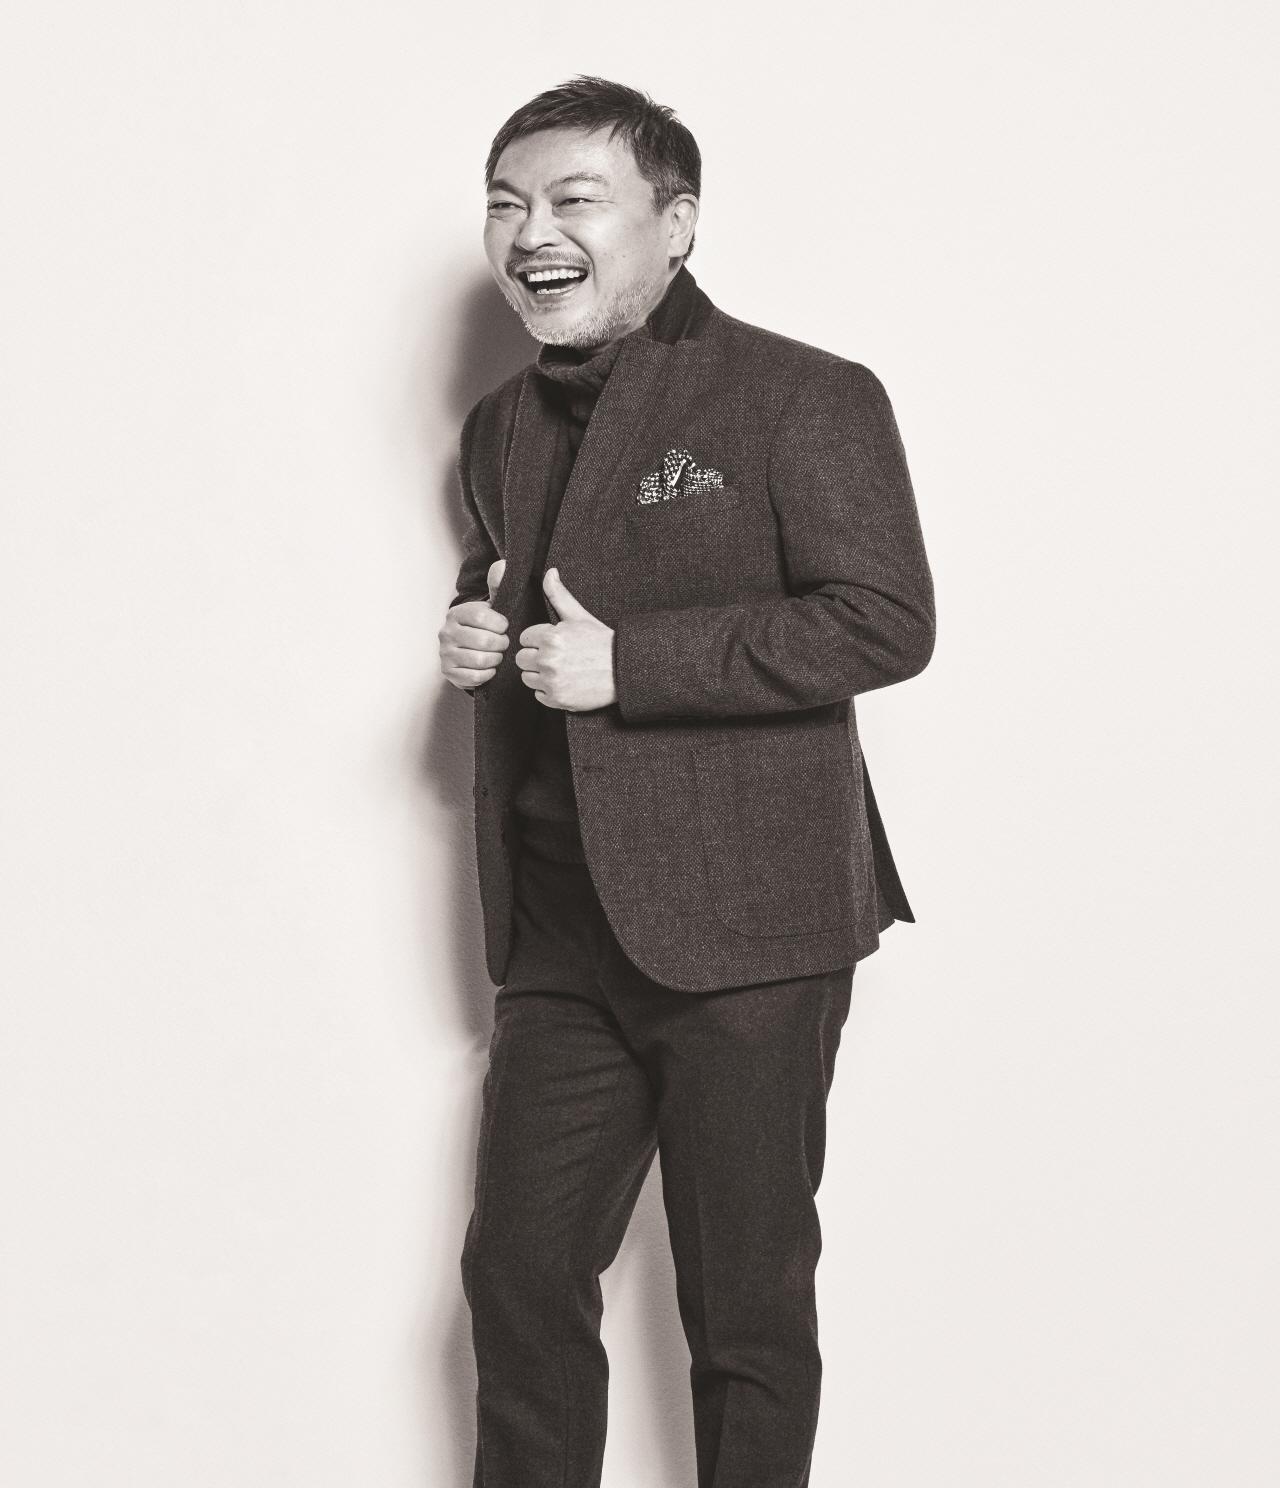 1990년대 촉망받던 청춘 배우 김의성이 어느 날 홀연히 자취를 감췄다. 세월이 흘러, 충무로의 대박 영화마다 악역 전문 으로 명성을 드높인 배우가 있었으니, 바로 중년의 김의성. 그가 다시 돌아왔다.